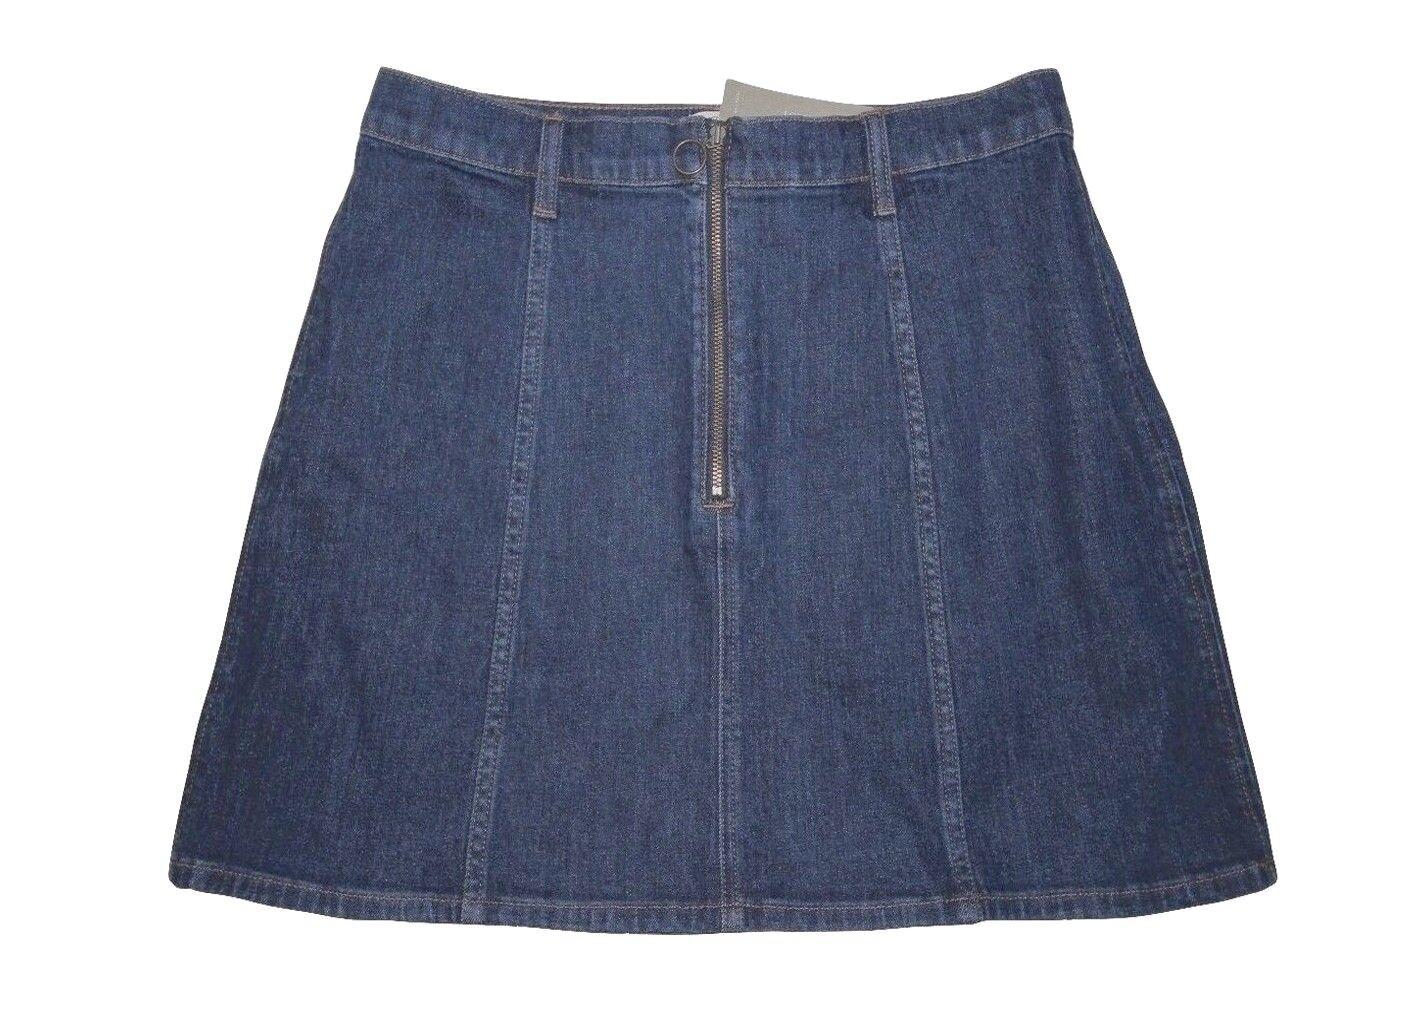 J Crew - Women's 14 (L) - NWT - bluee Denim Front Zip Mini A-Line Jean Skirt